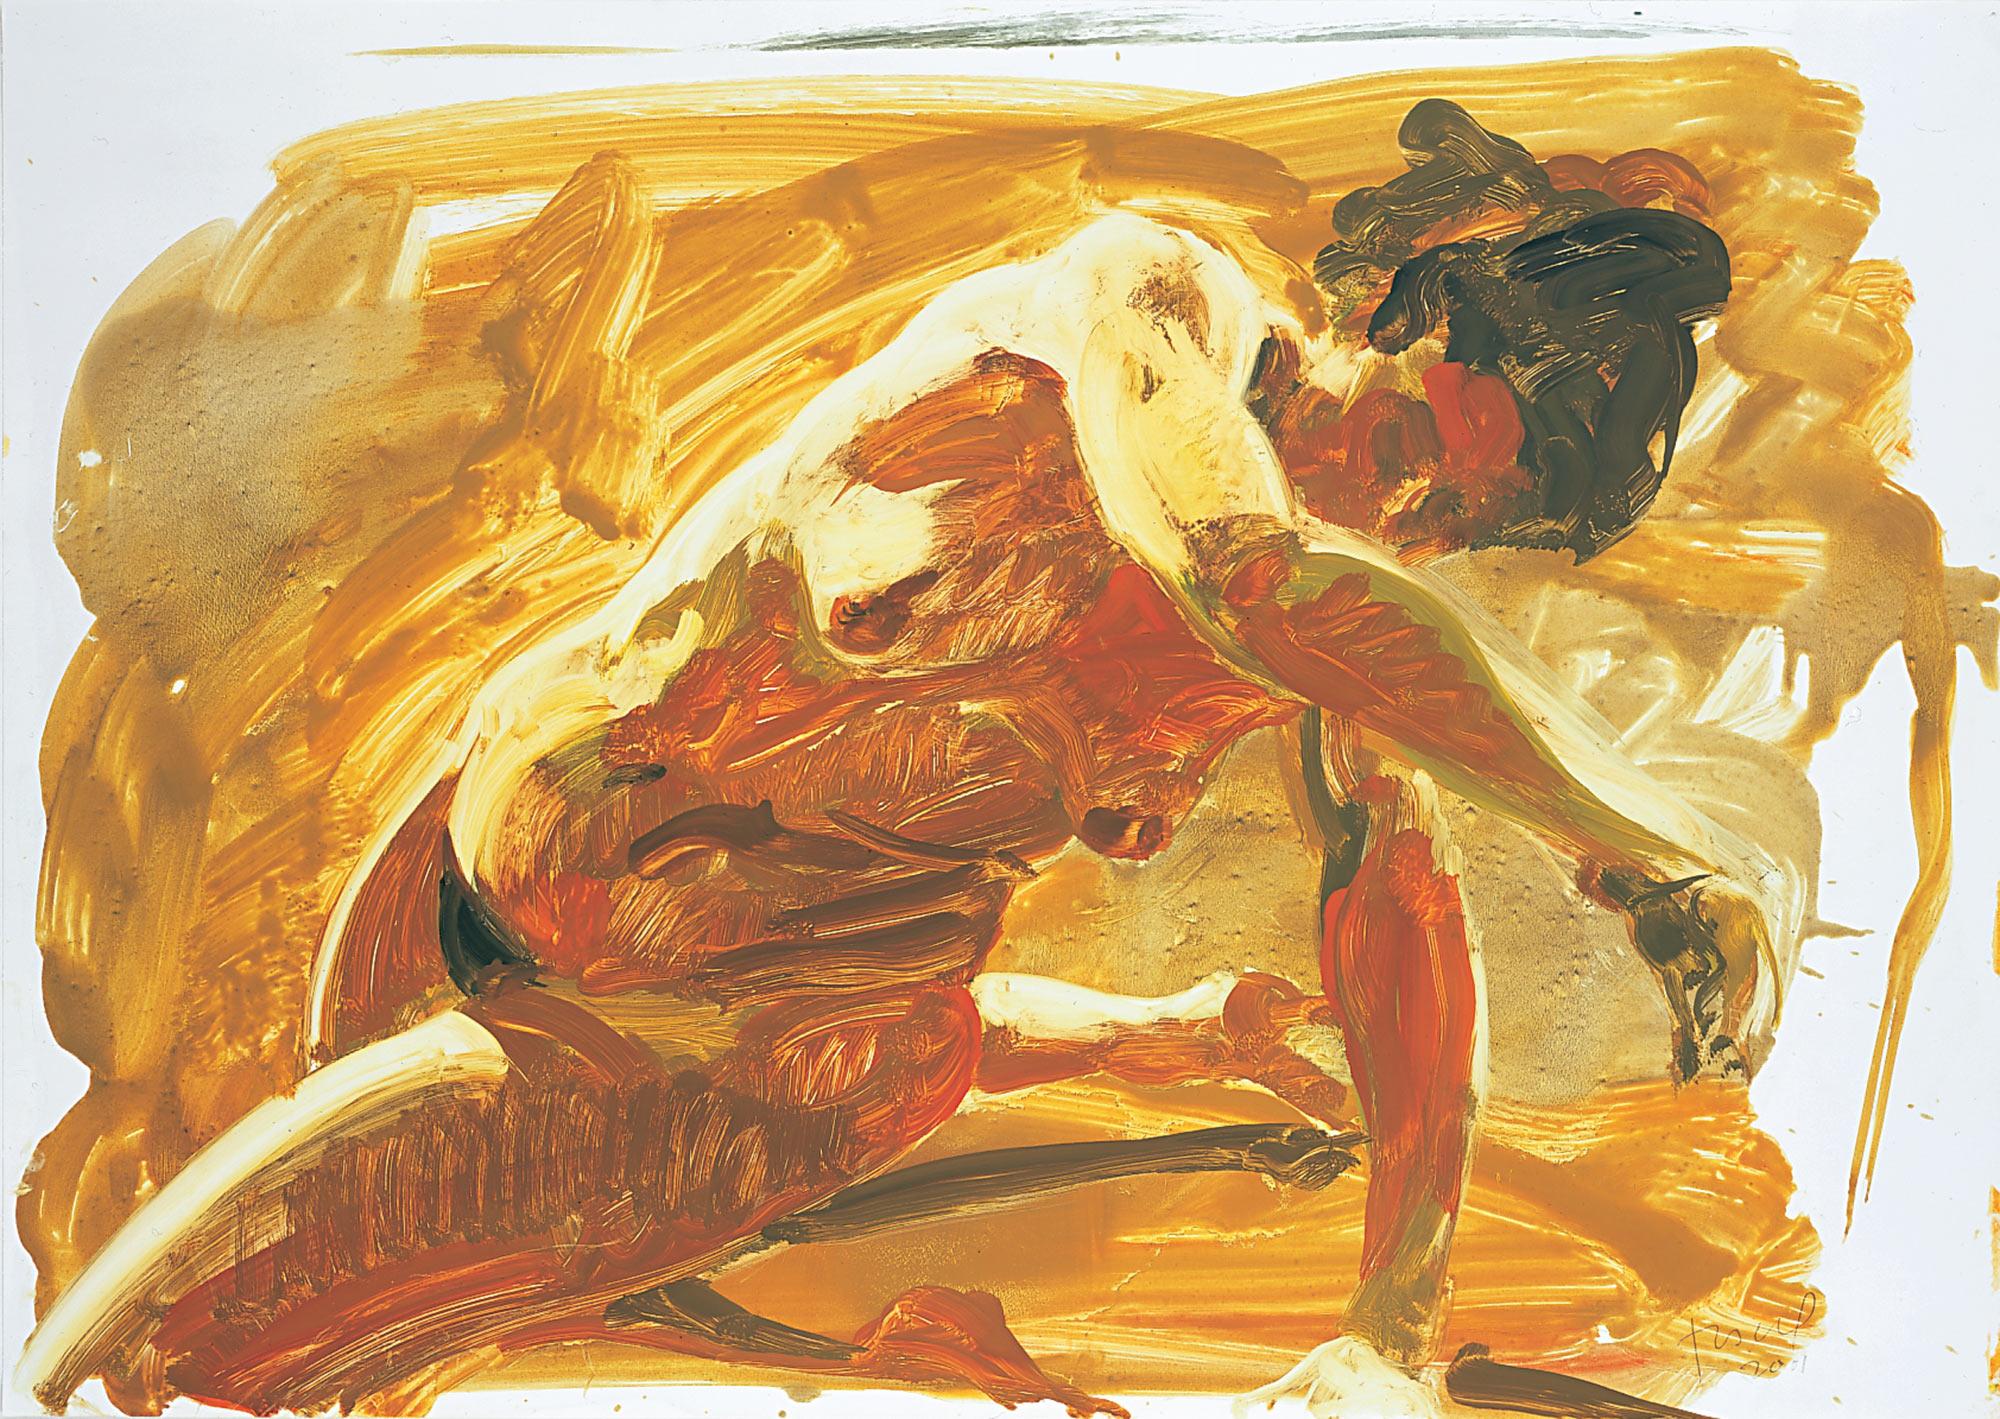 Untitled (Sliding), 2001.